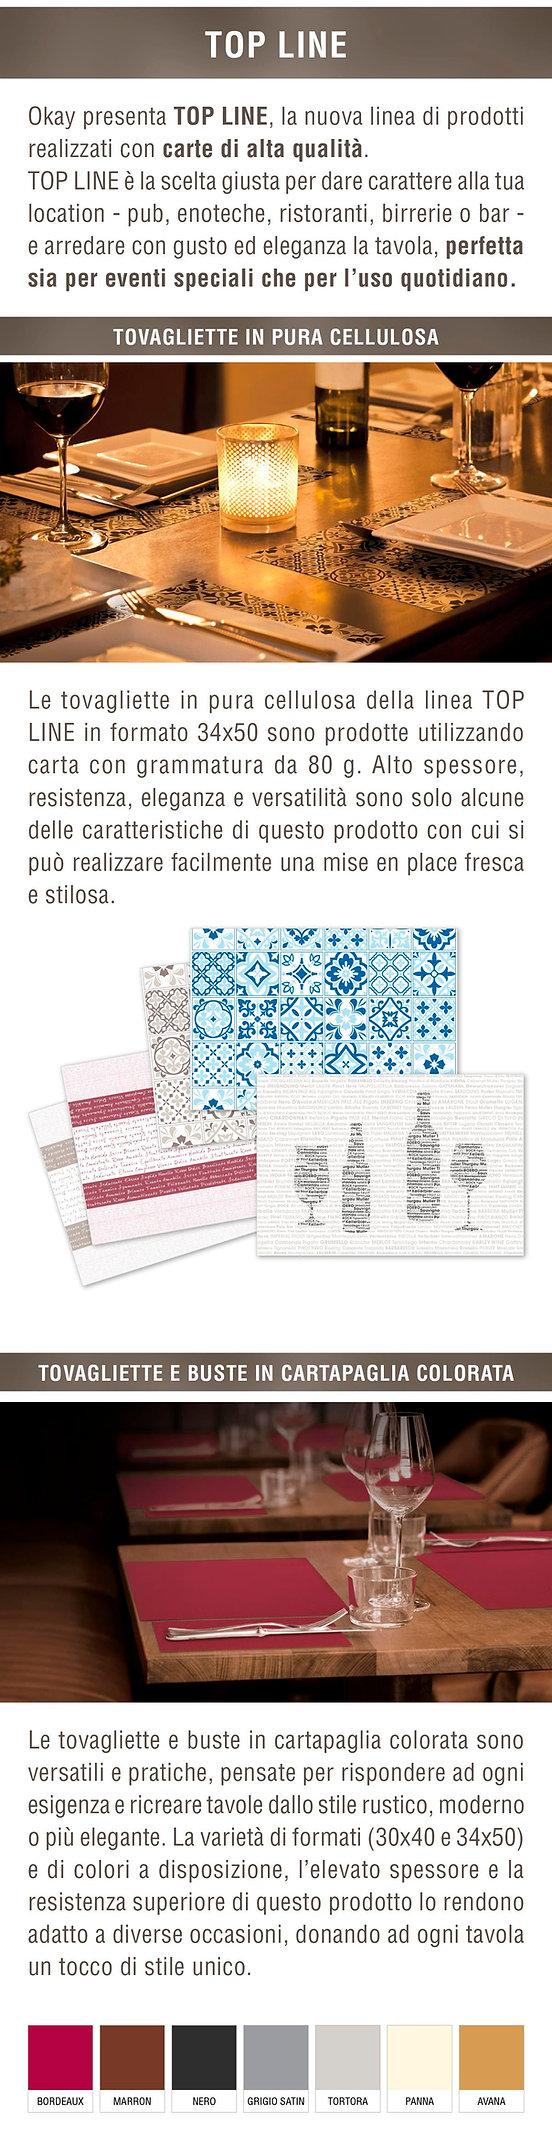 Newsletter TOP LINE - tovagliette e busta portaposate realizzate con carta di alta qualità